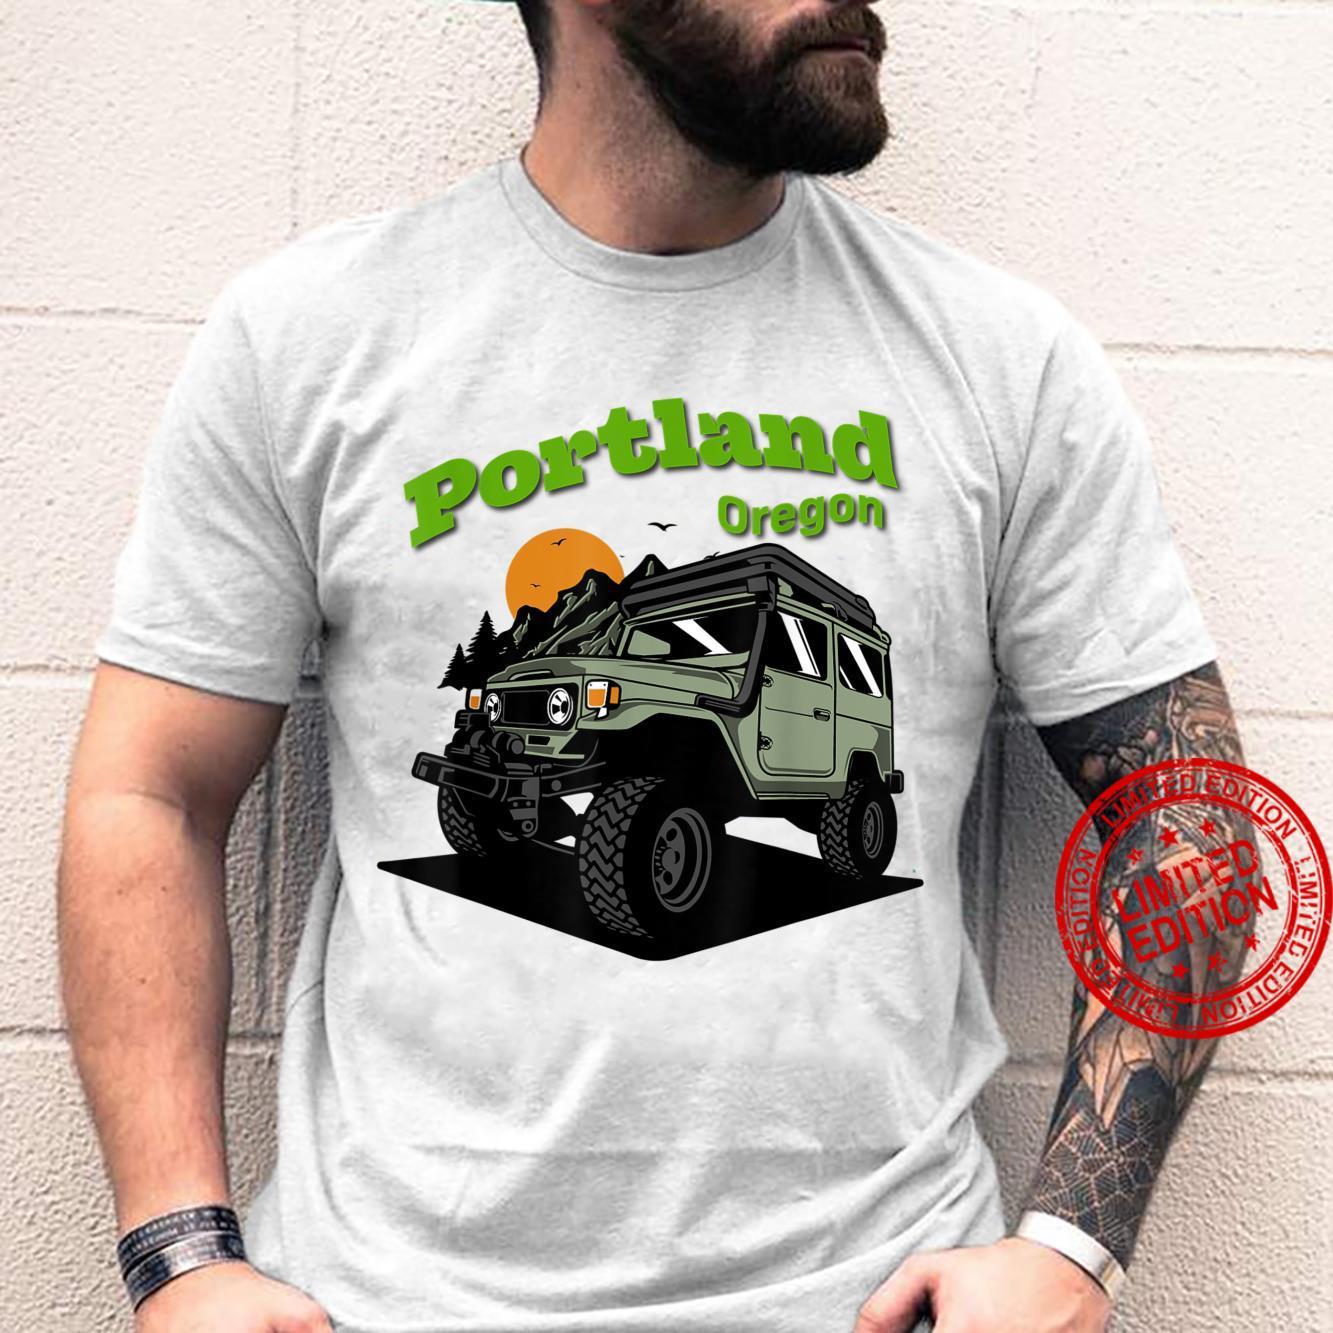 Portland Oregon 4x4 Off Road Camping Shirt